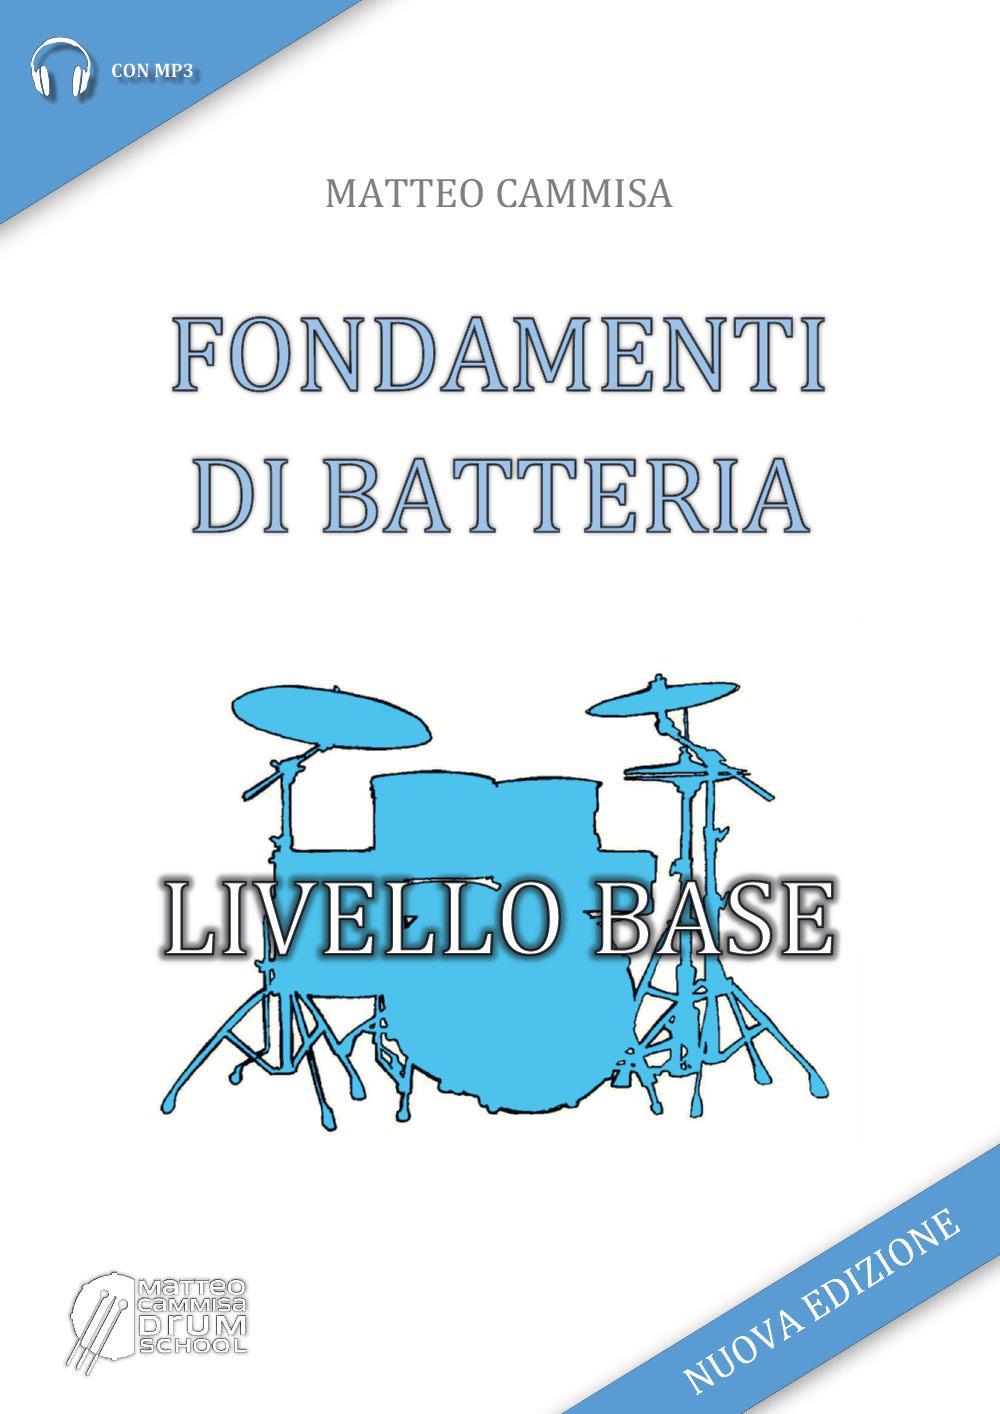 Fondamenti Di Batteria - Livello Base